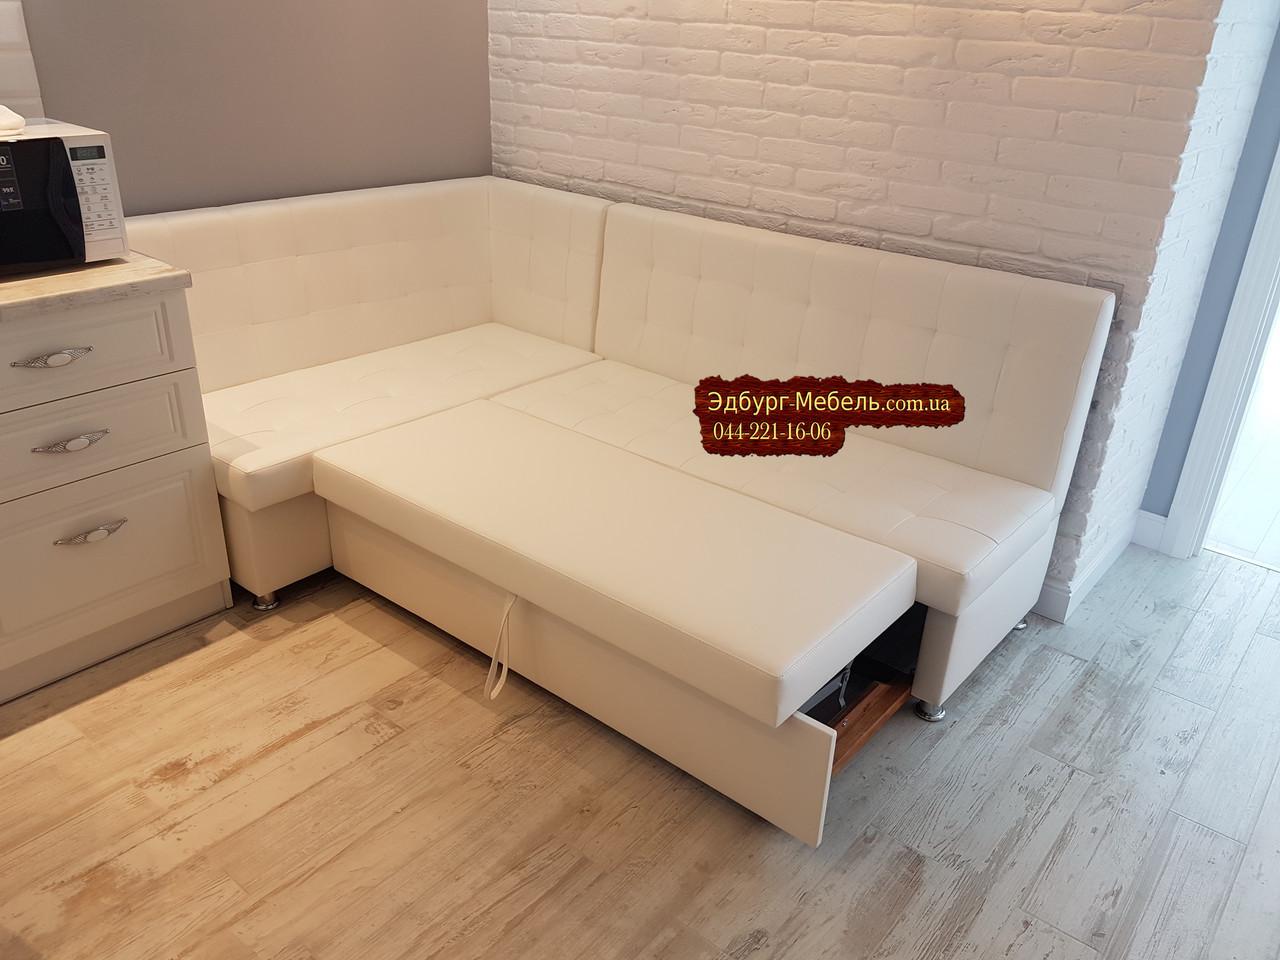 Кухонный уголок со спальным местом и прошивкой